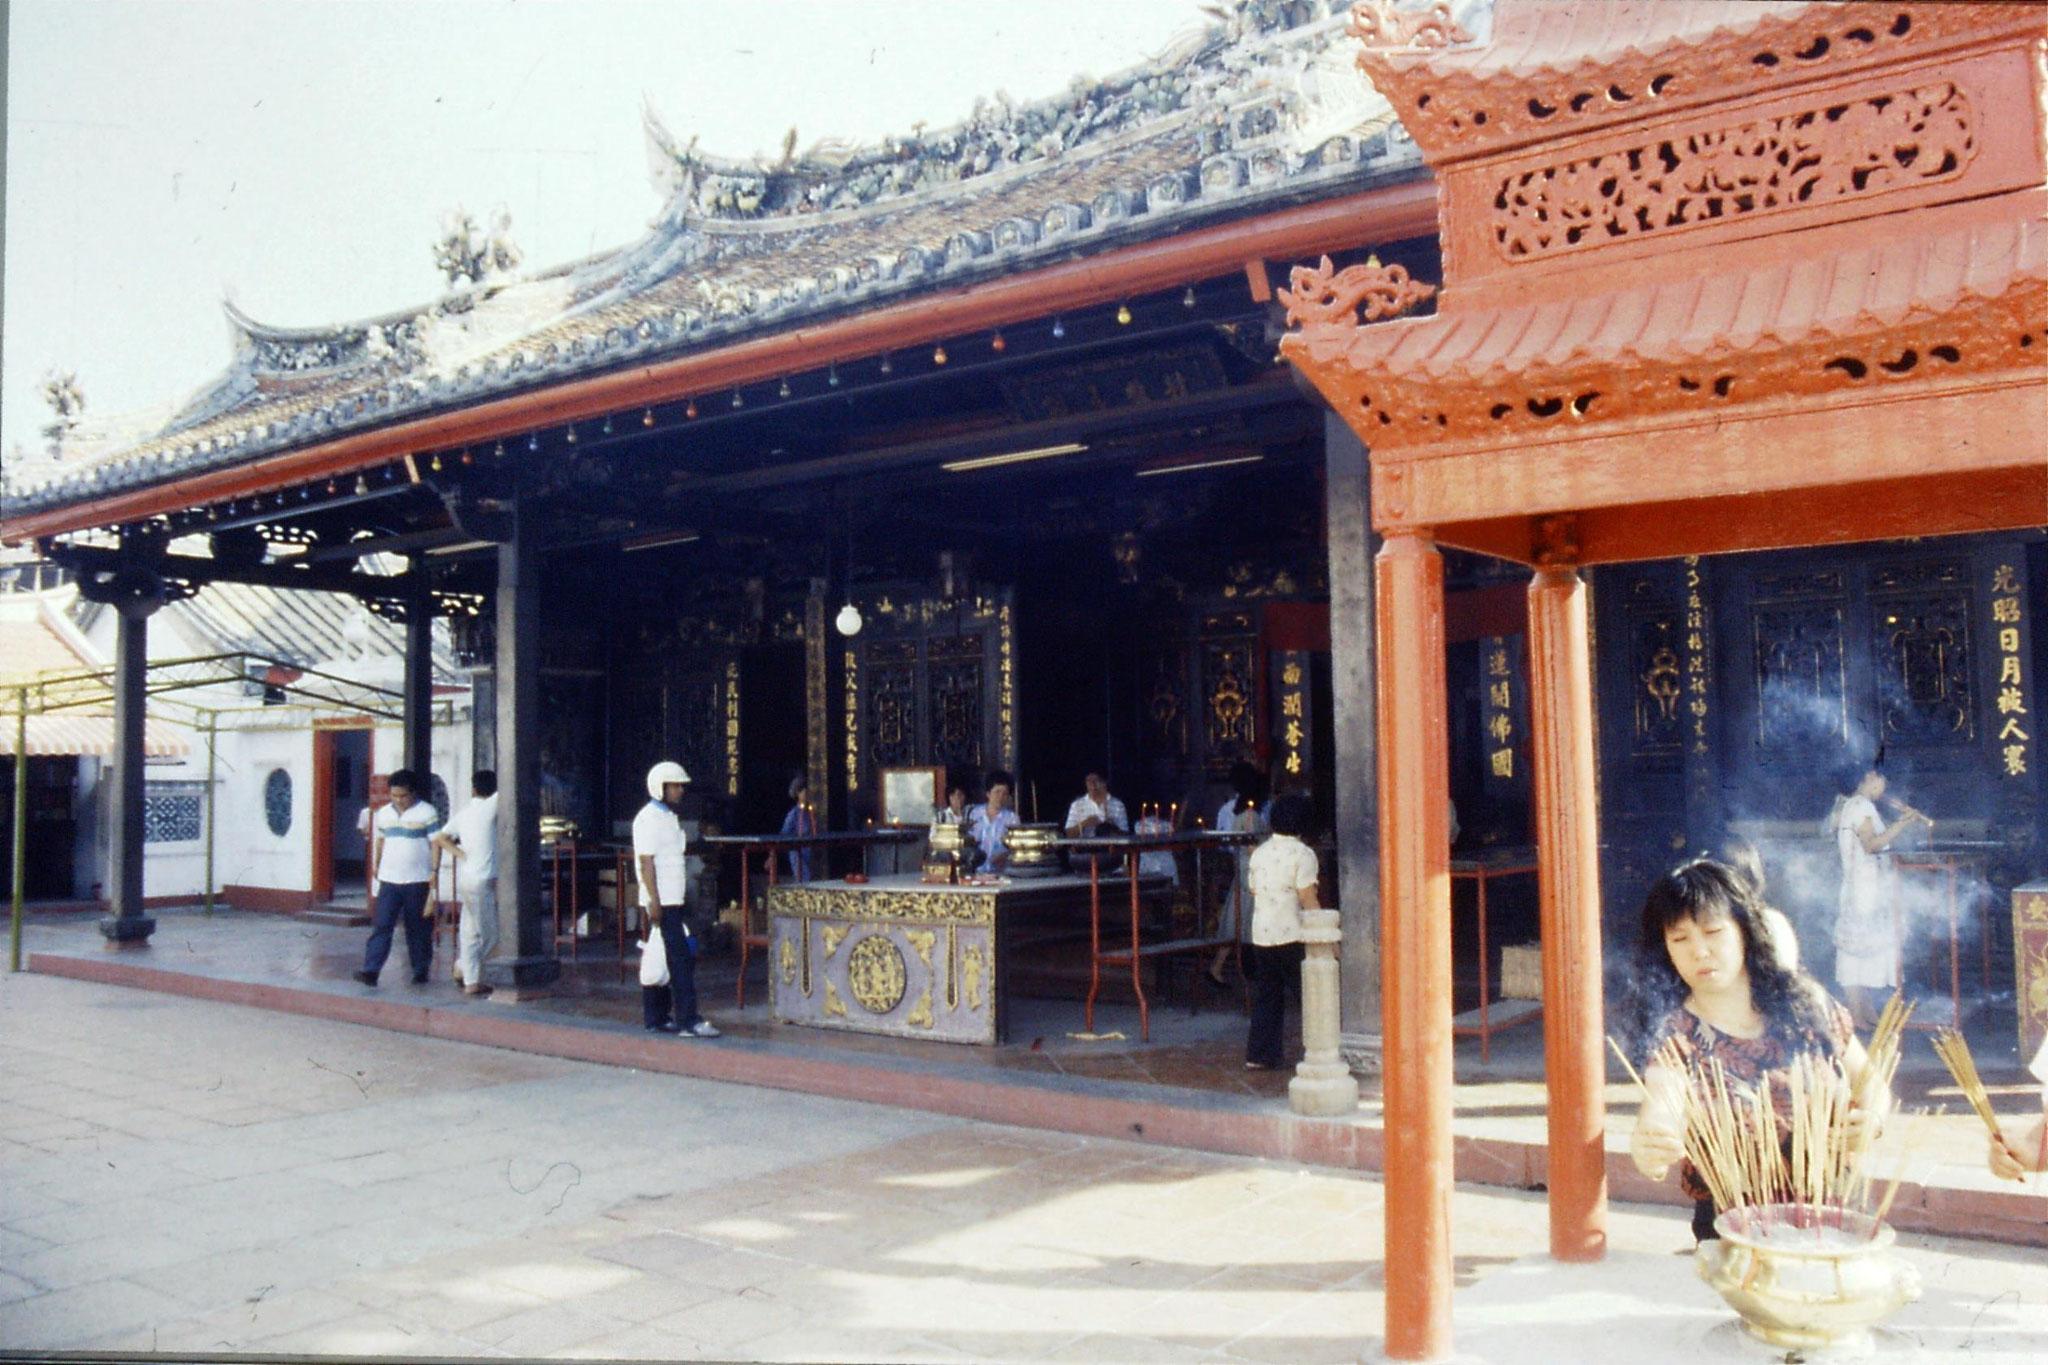 7/7/1990: 1: Melaka